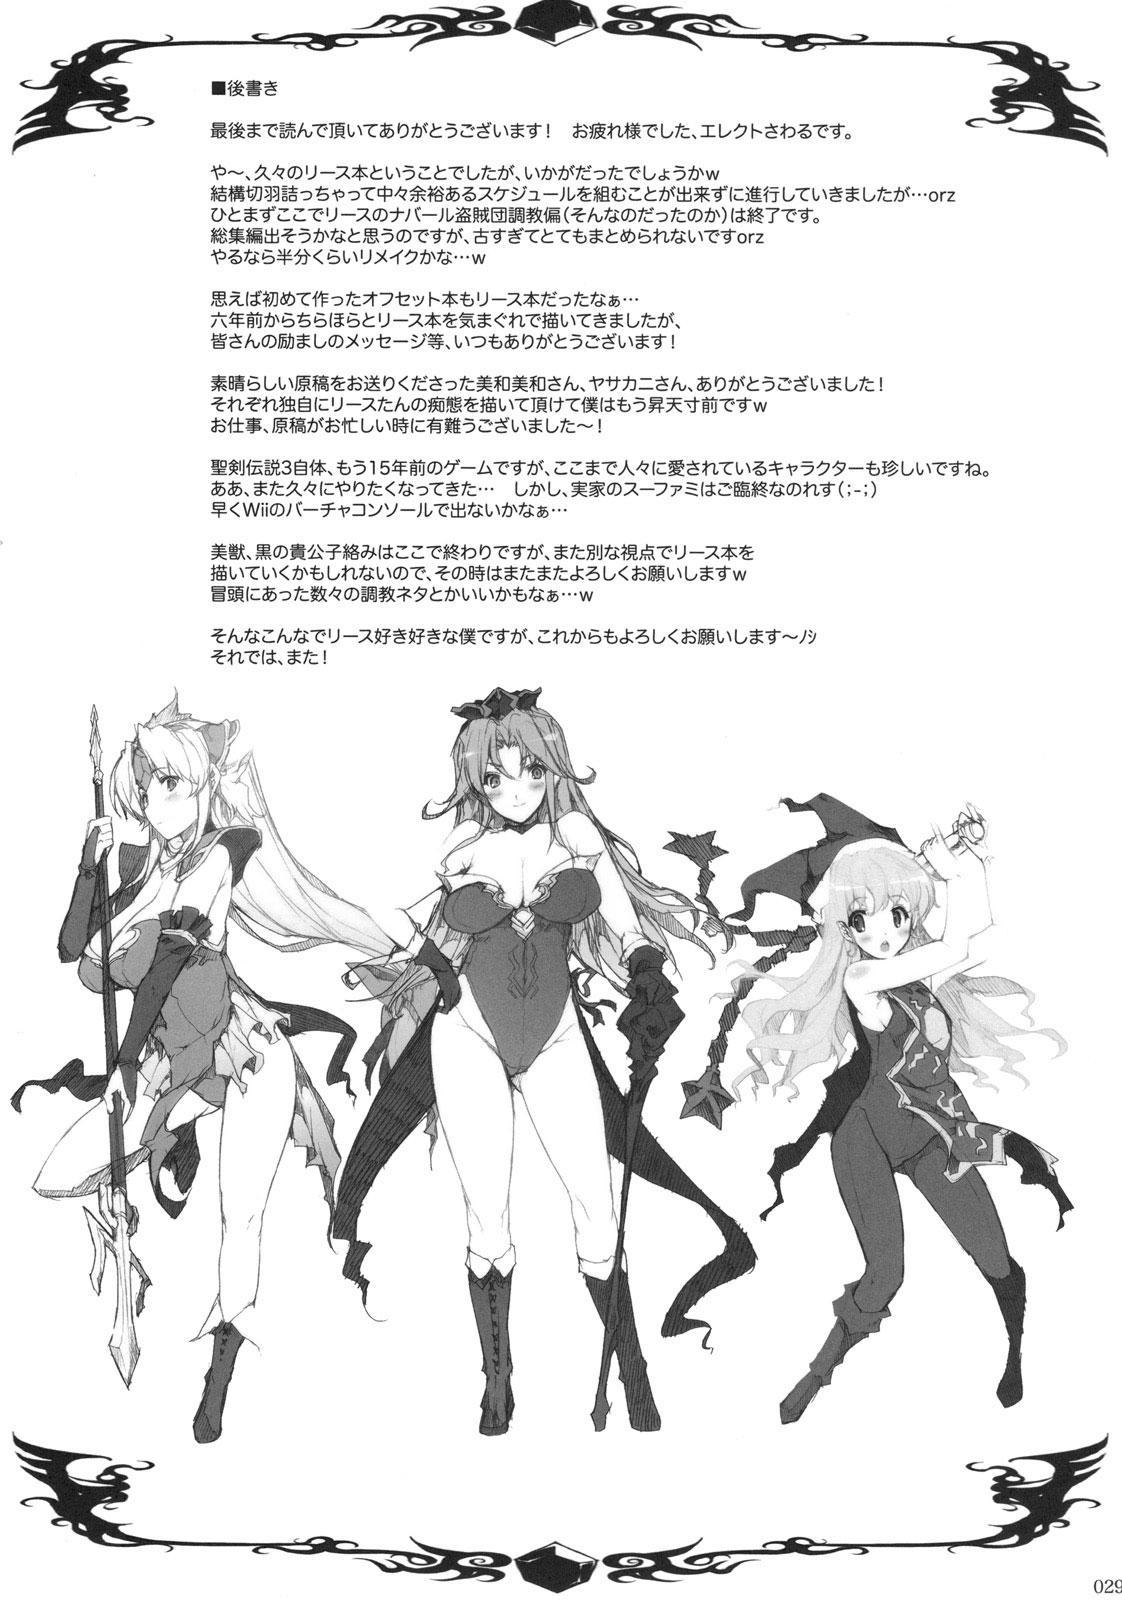 Injiru Oujo IV - Erotic Juice Princess 4 27